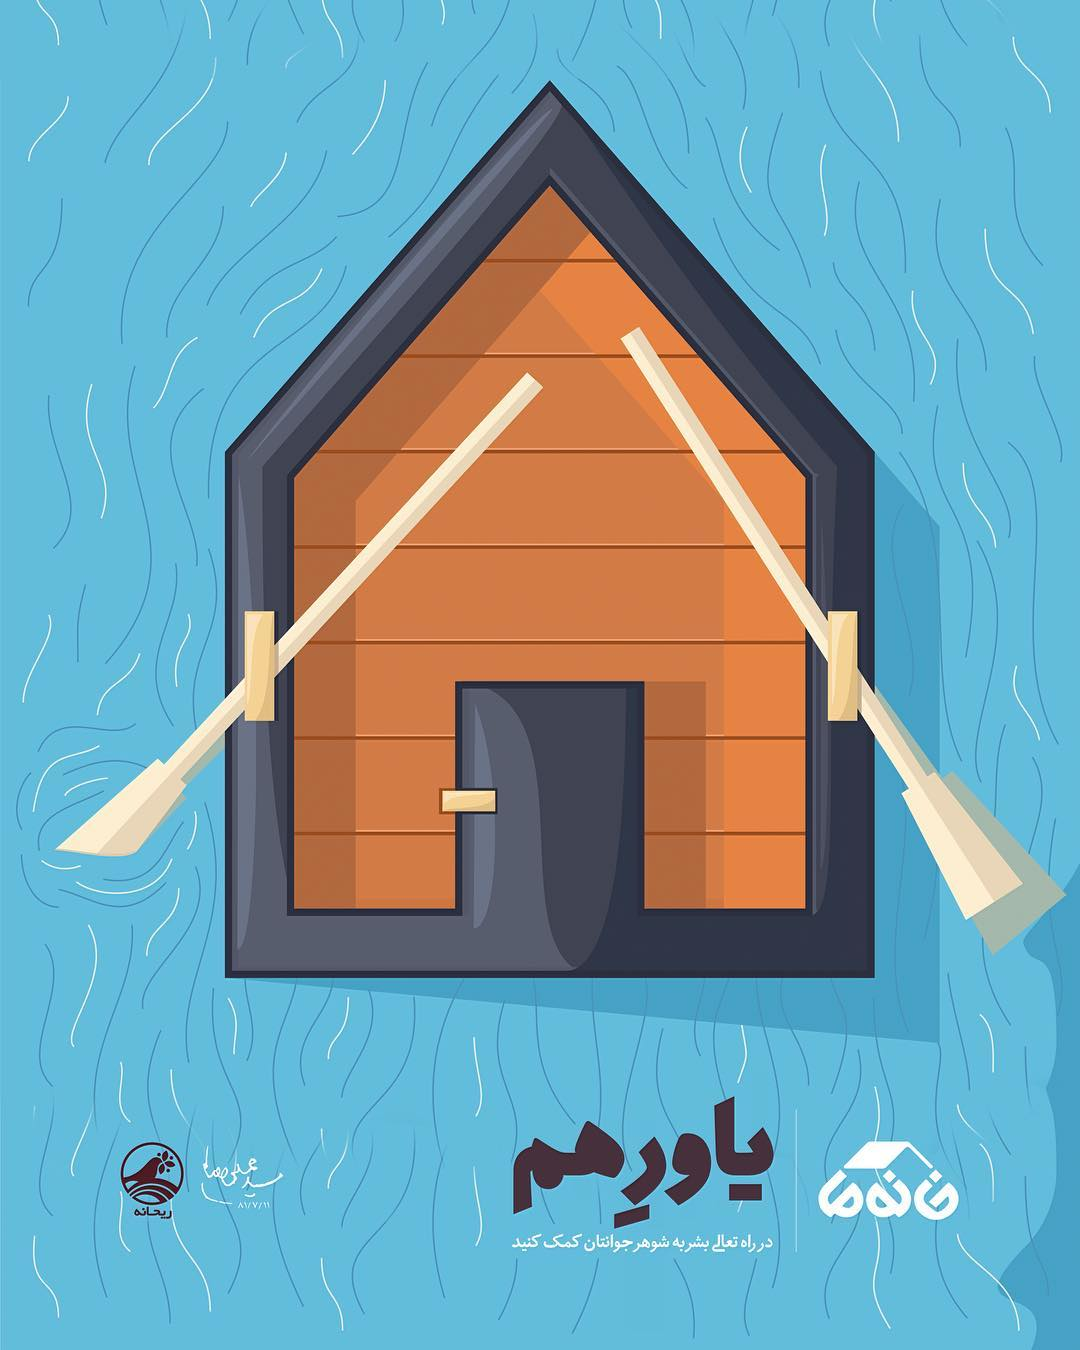 مجموعه طرح خانه ما-قسمت هفتم.jpg (1080×1350)